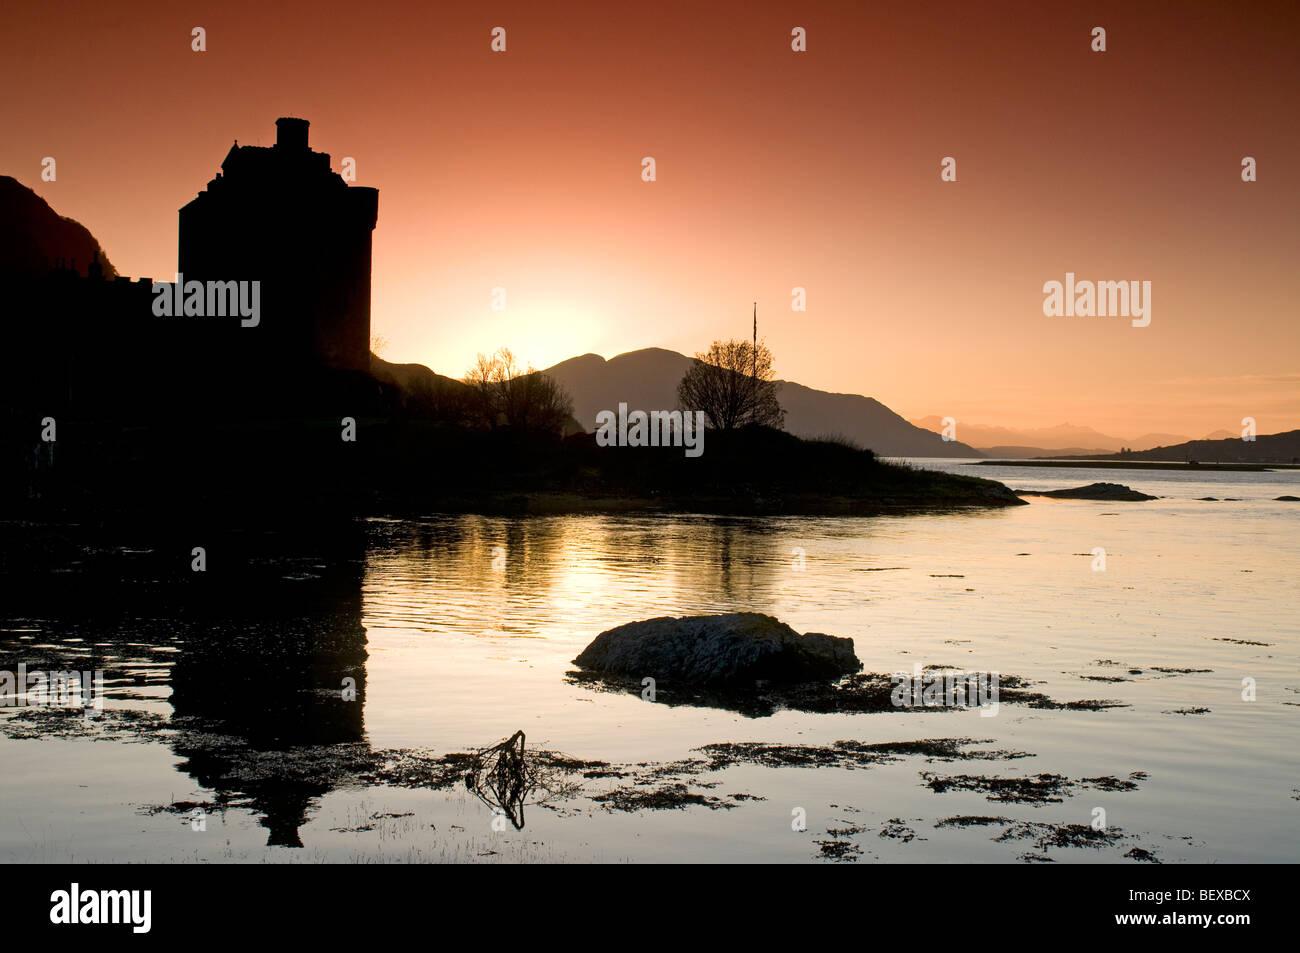 Luz del atardecer sobre loch Duich isla escocesa y el castillo de Eilean Donan en la región de tierras altas. Ocs 5428 Foto de stock